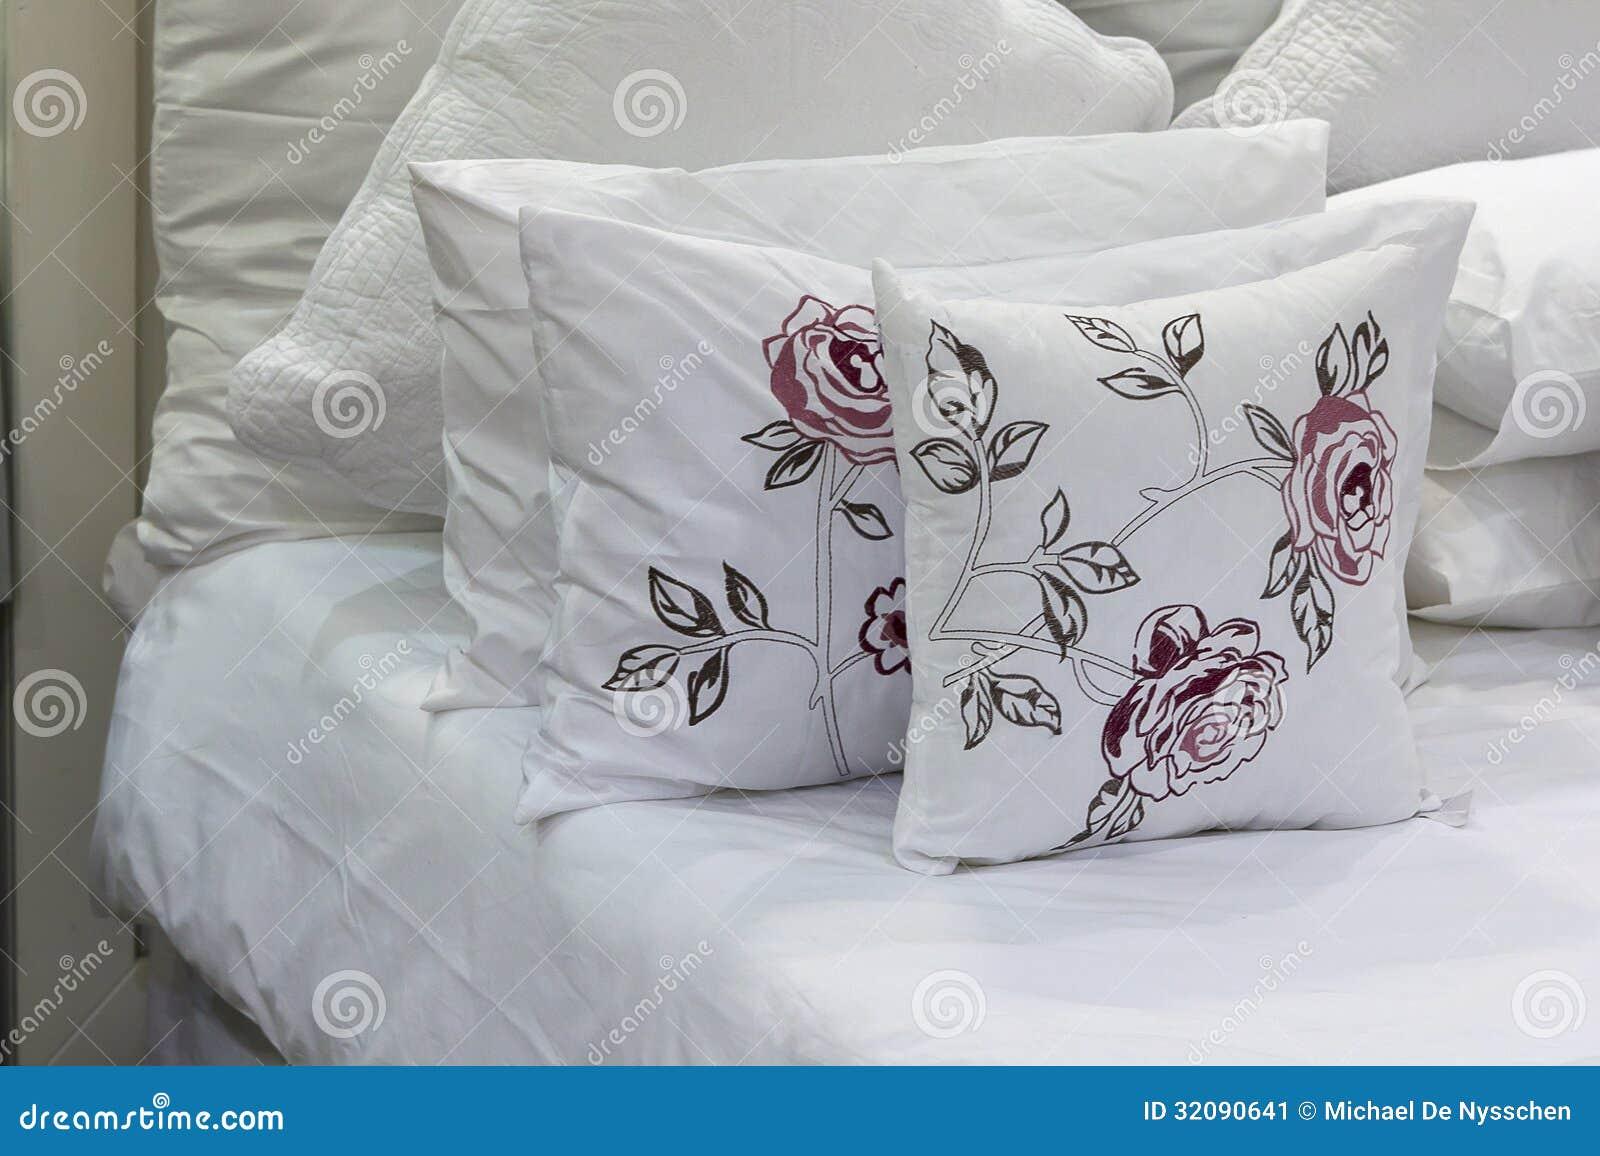 wei e bettw sche vereinbart ordentlich auf wei en bl ttern. Black Bedroom Furniture Sets. Home Design Ideas